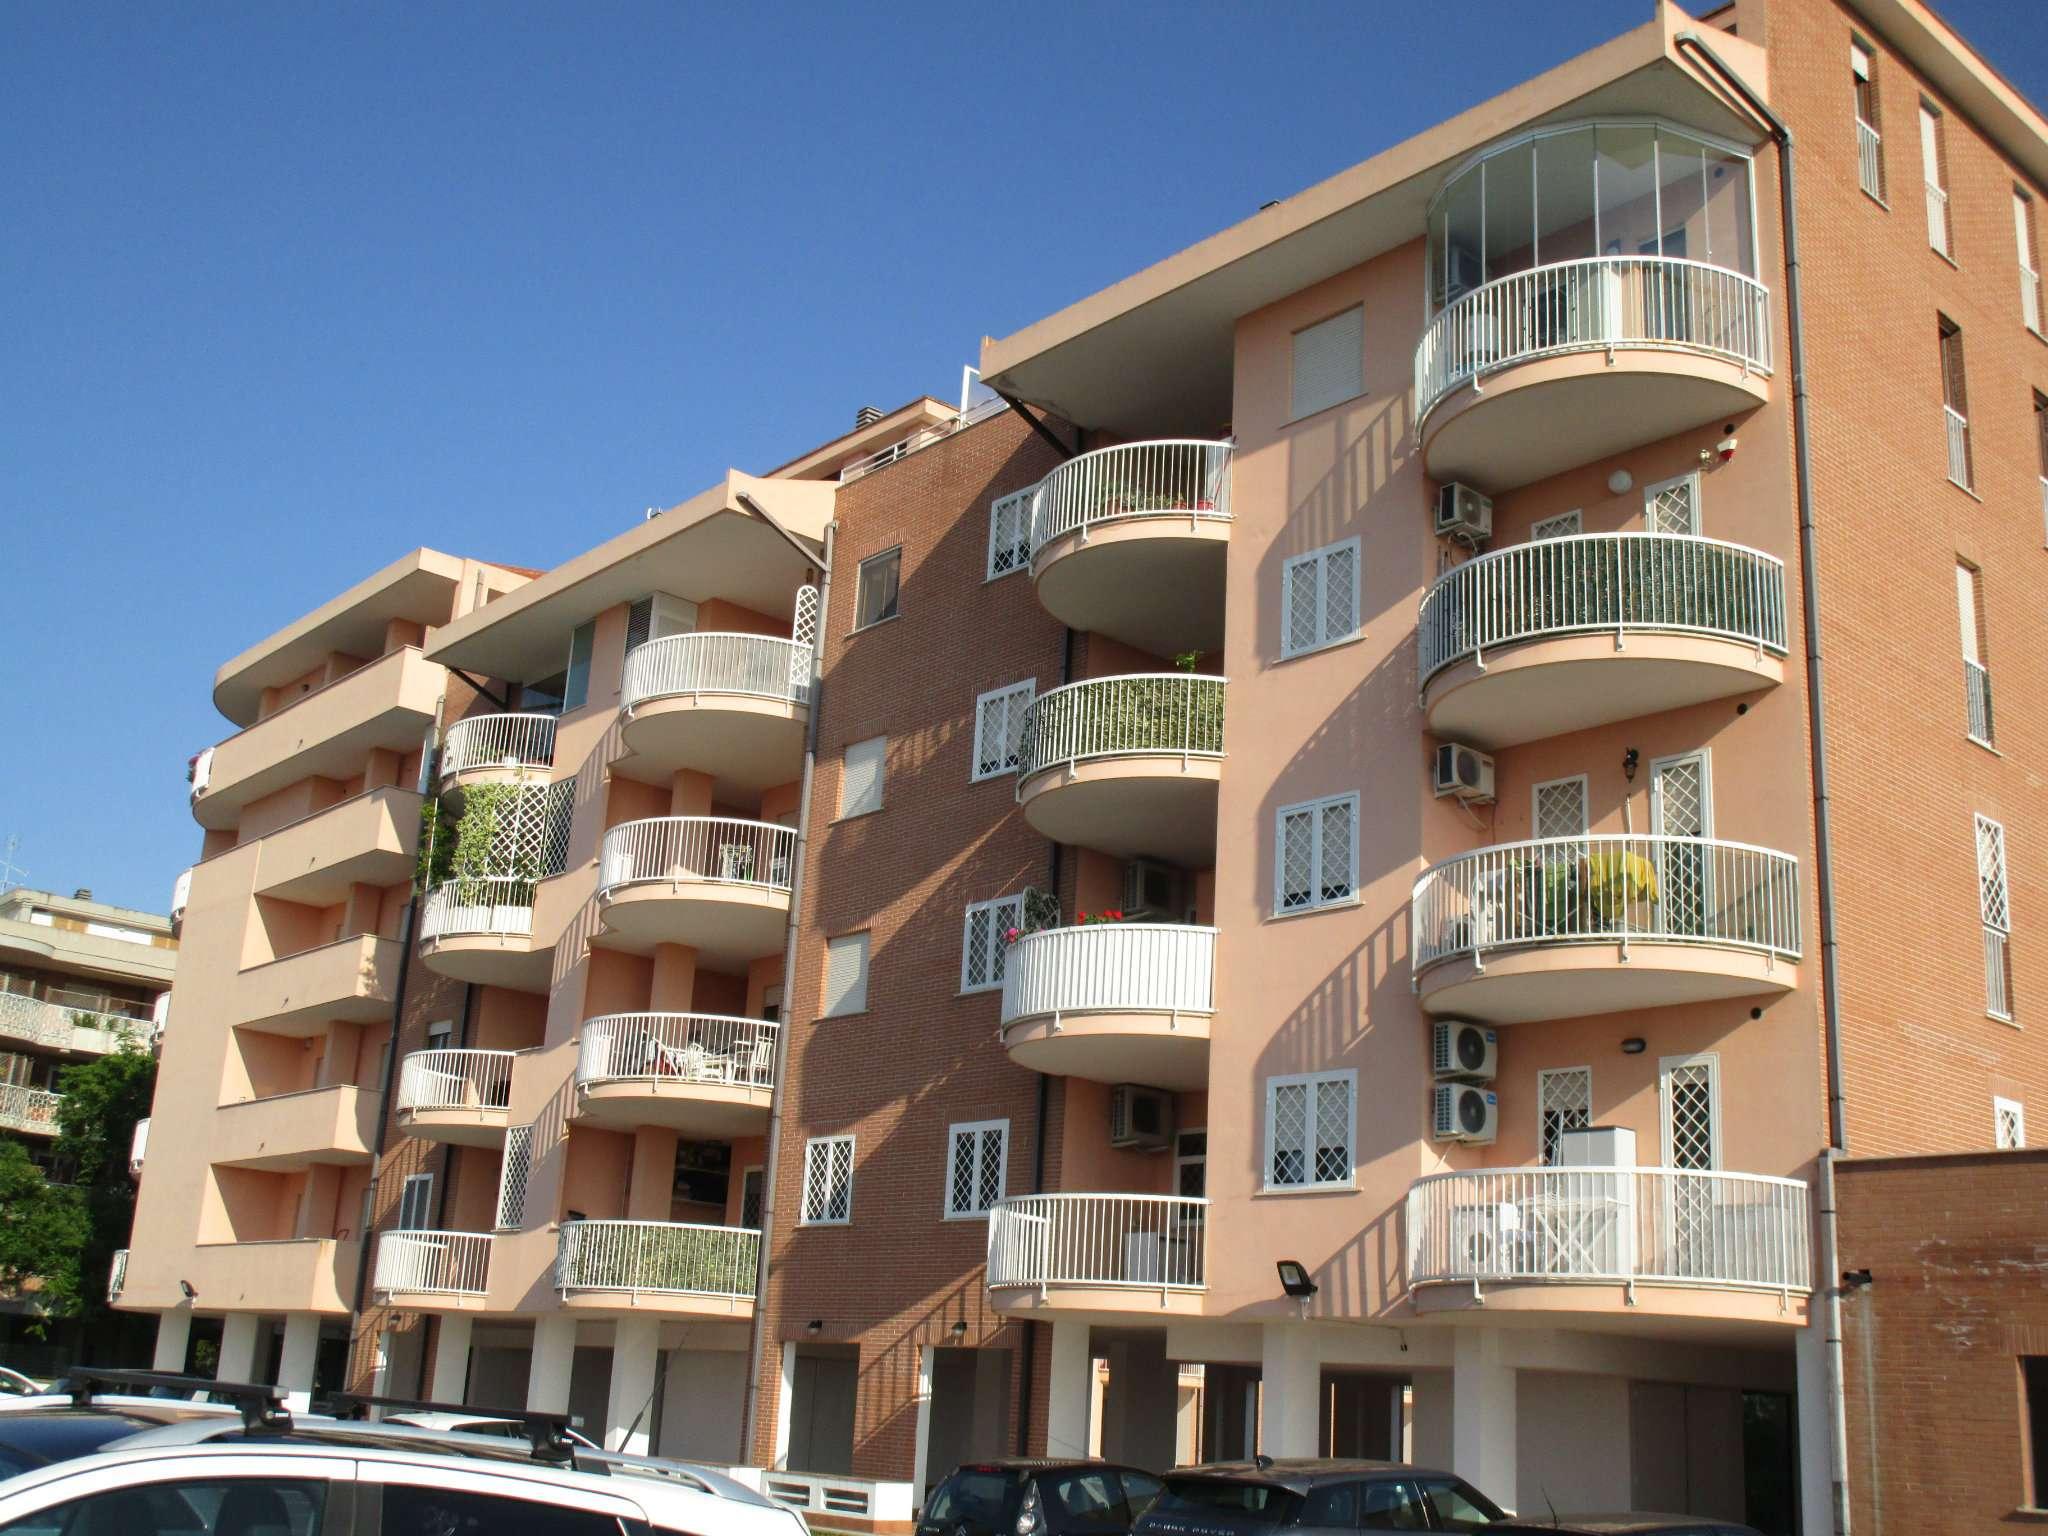 Appartamento in vendita a Roma, 3 locali, zona Zona: 22 . Eur - Torrino - Spinaceto, prezzo € 318.000 | CambioCasa.it